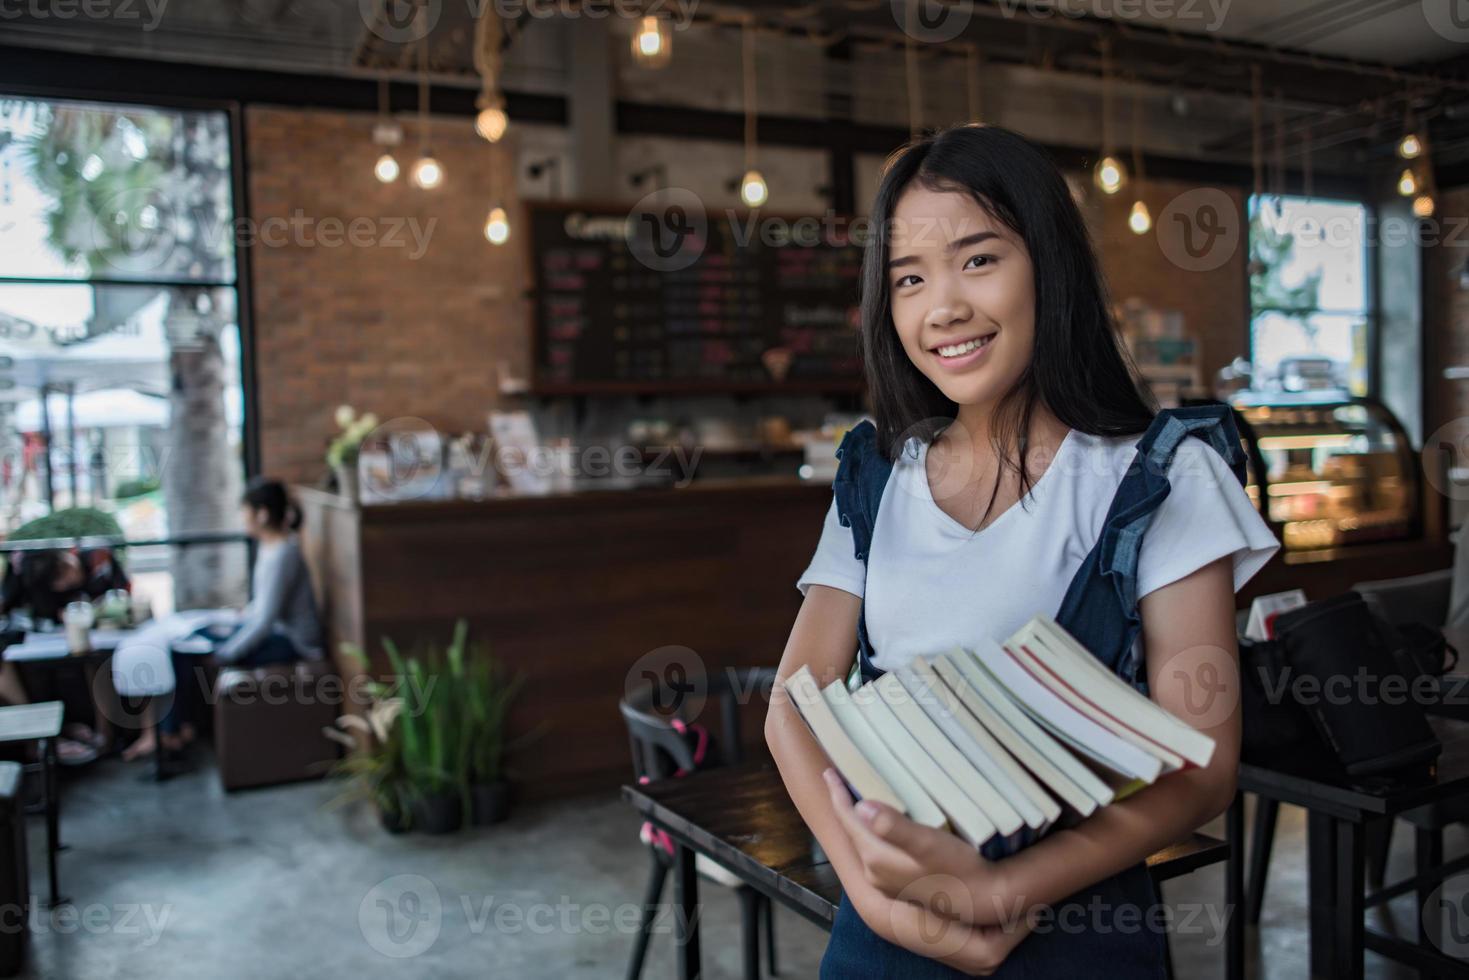 mujer joven sonriente sosteniendo libros foto